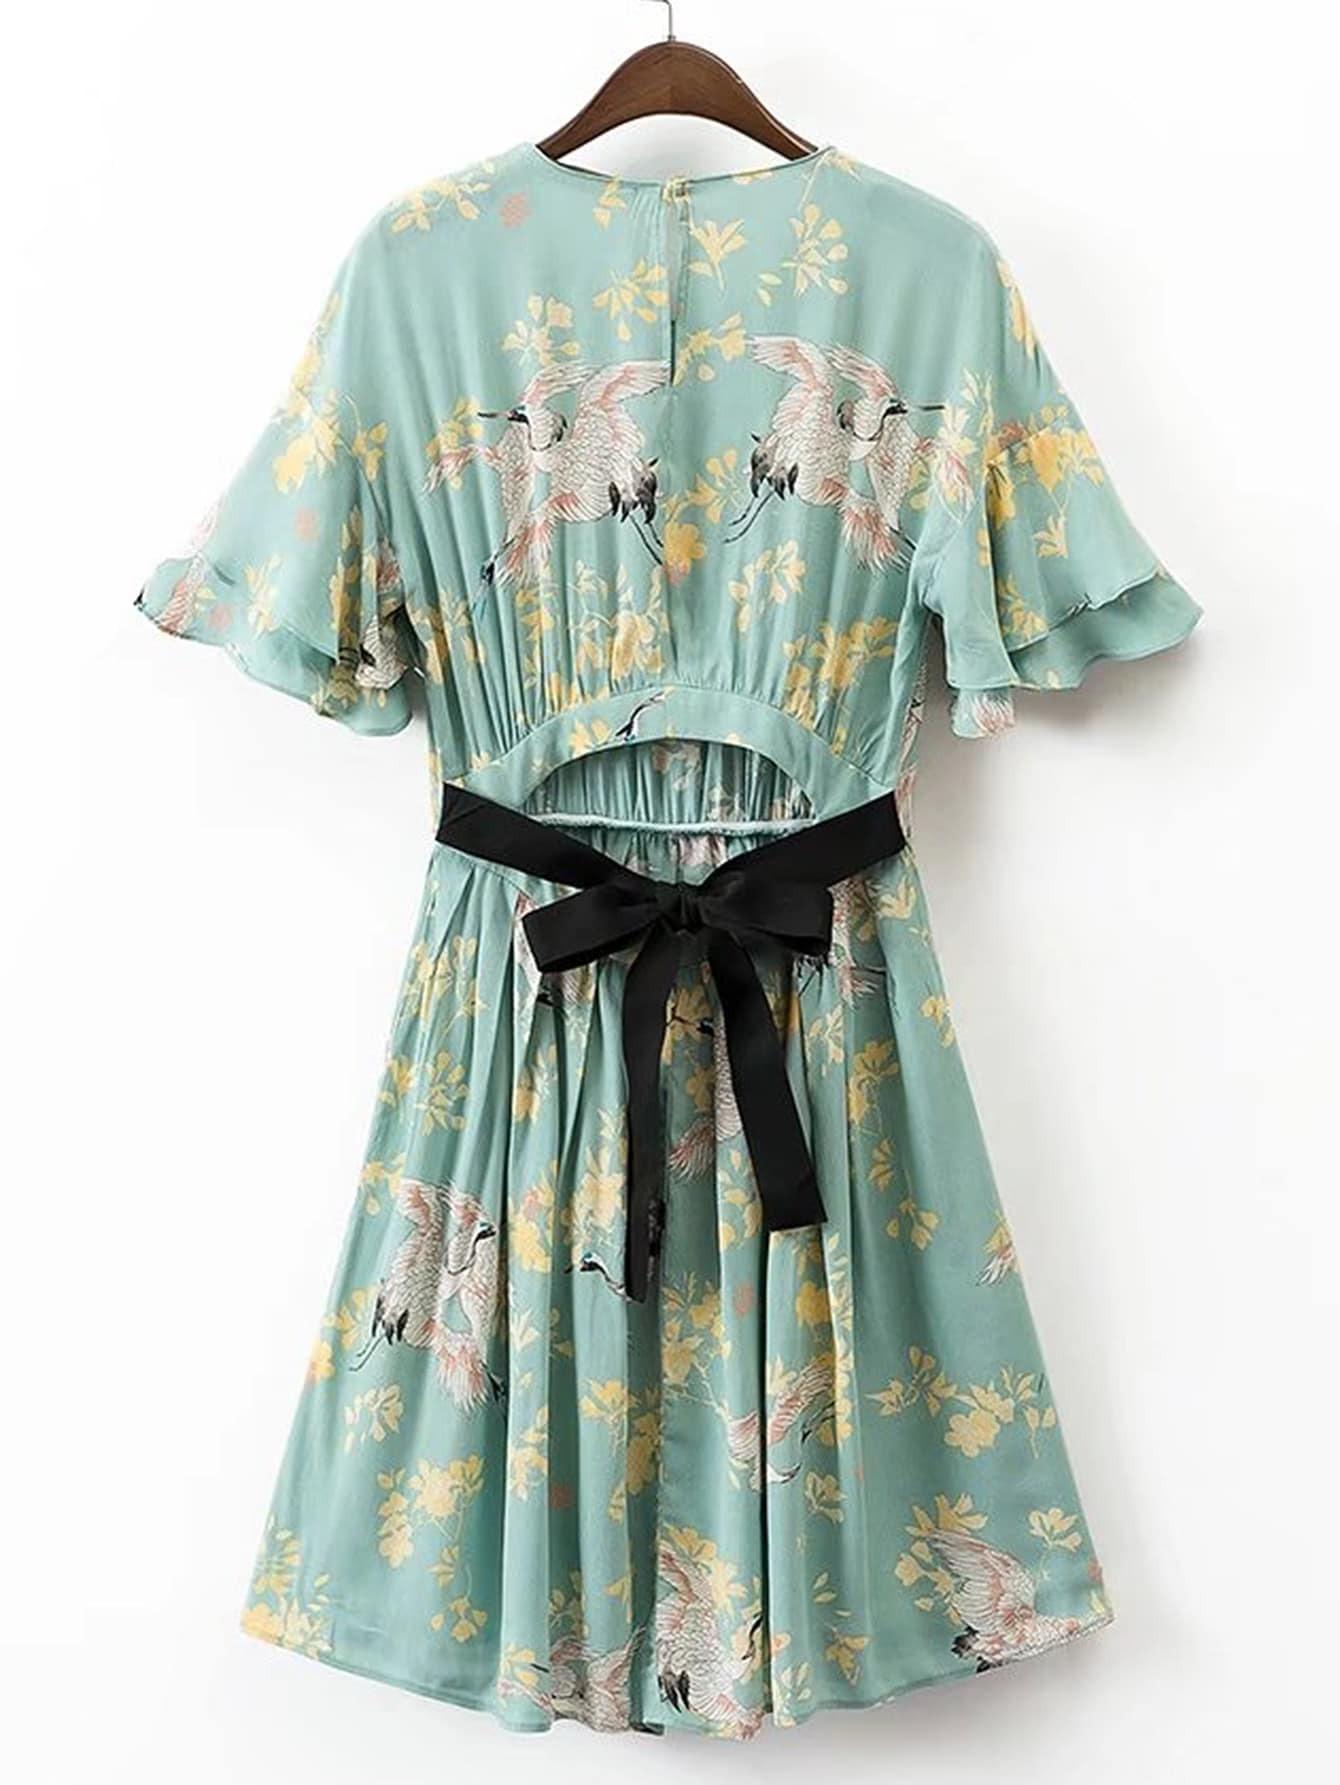 dress170420202_2